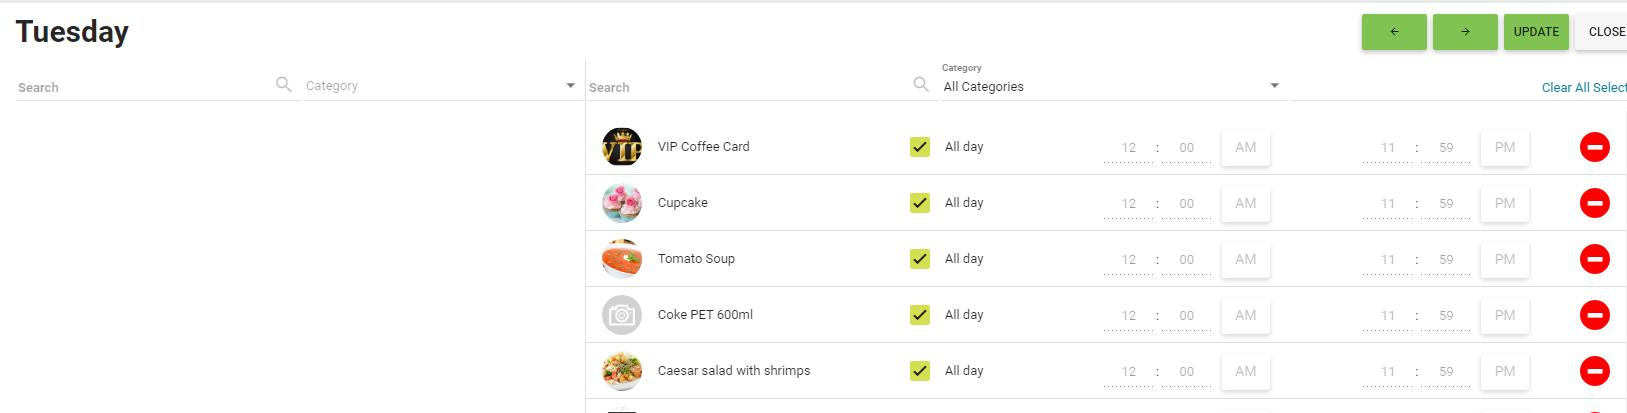 BOM - Items List - Daily Menu - Tuesday - Default